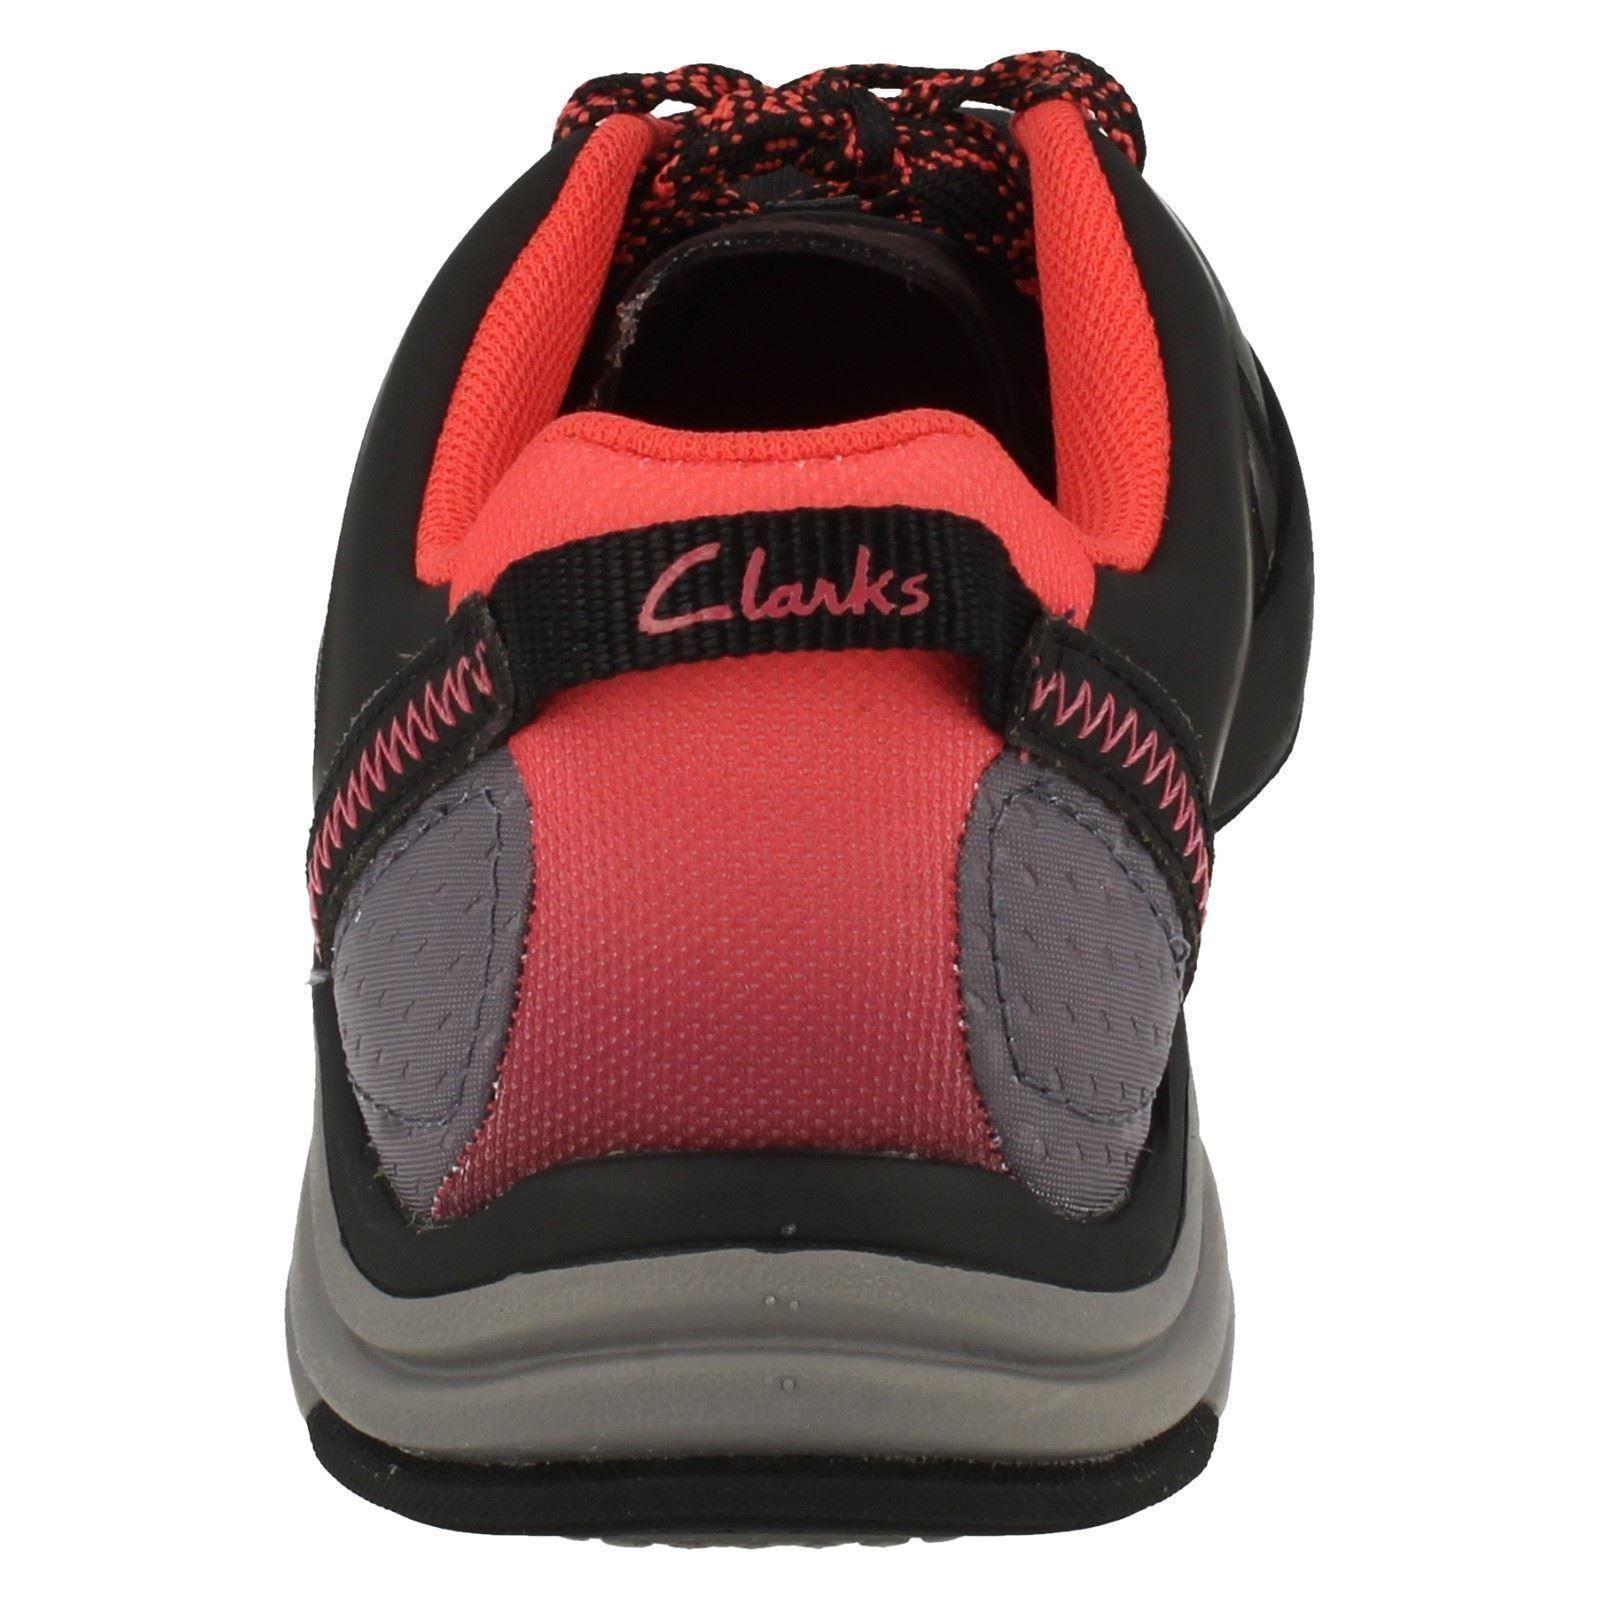 Sandali Donna Clarks Active Wear Wear Wear Scarpe da ginnastica WAVE KICK f5d0d3